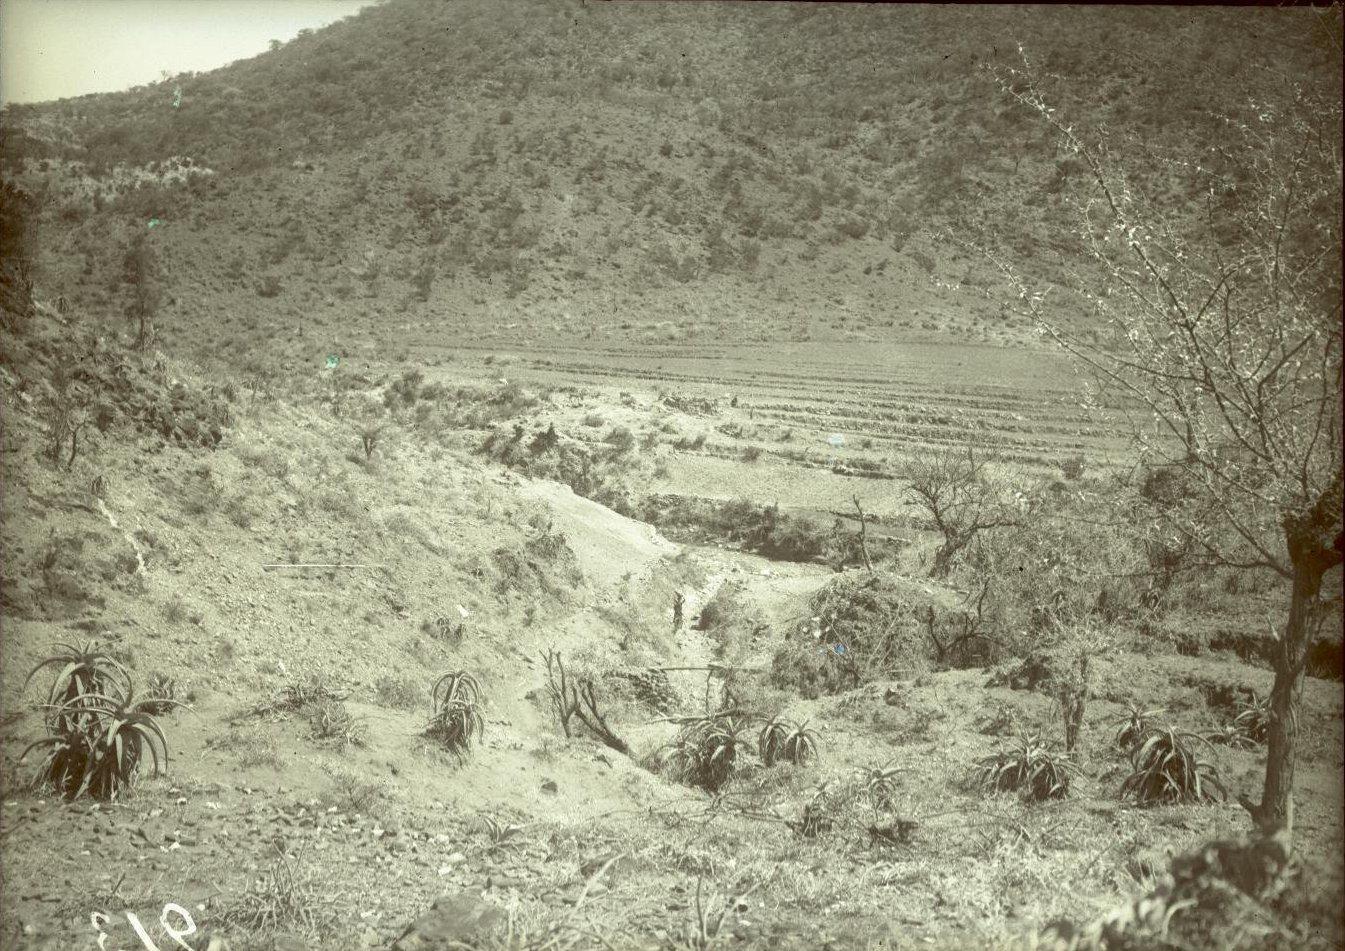 213. 1899. Абиссиния. Гильдесса. Искусственные террасы